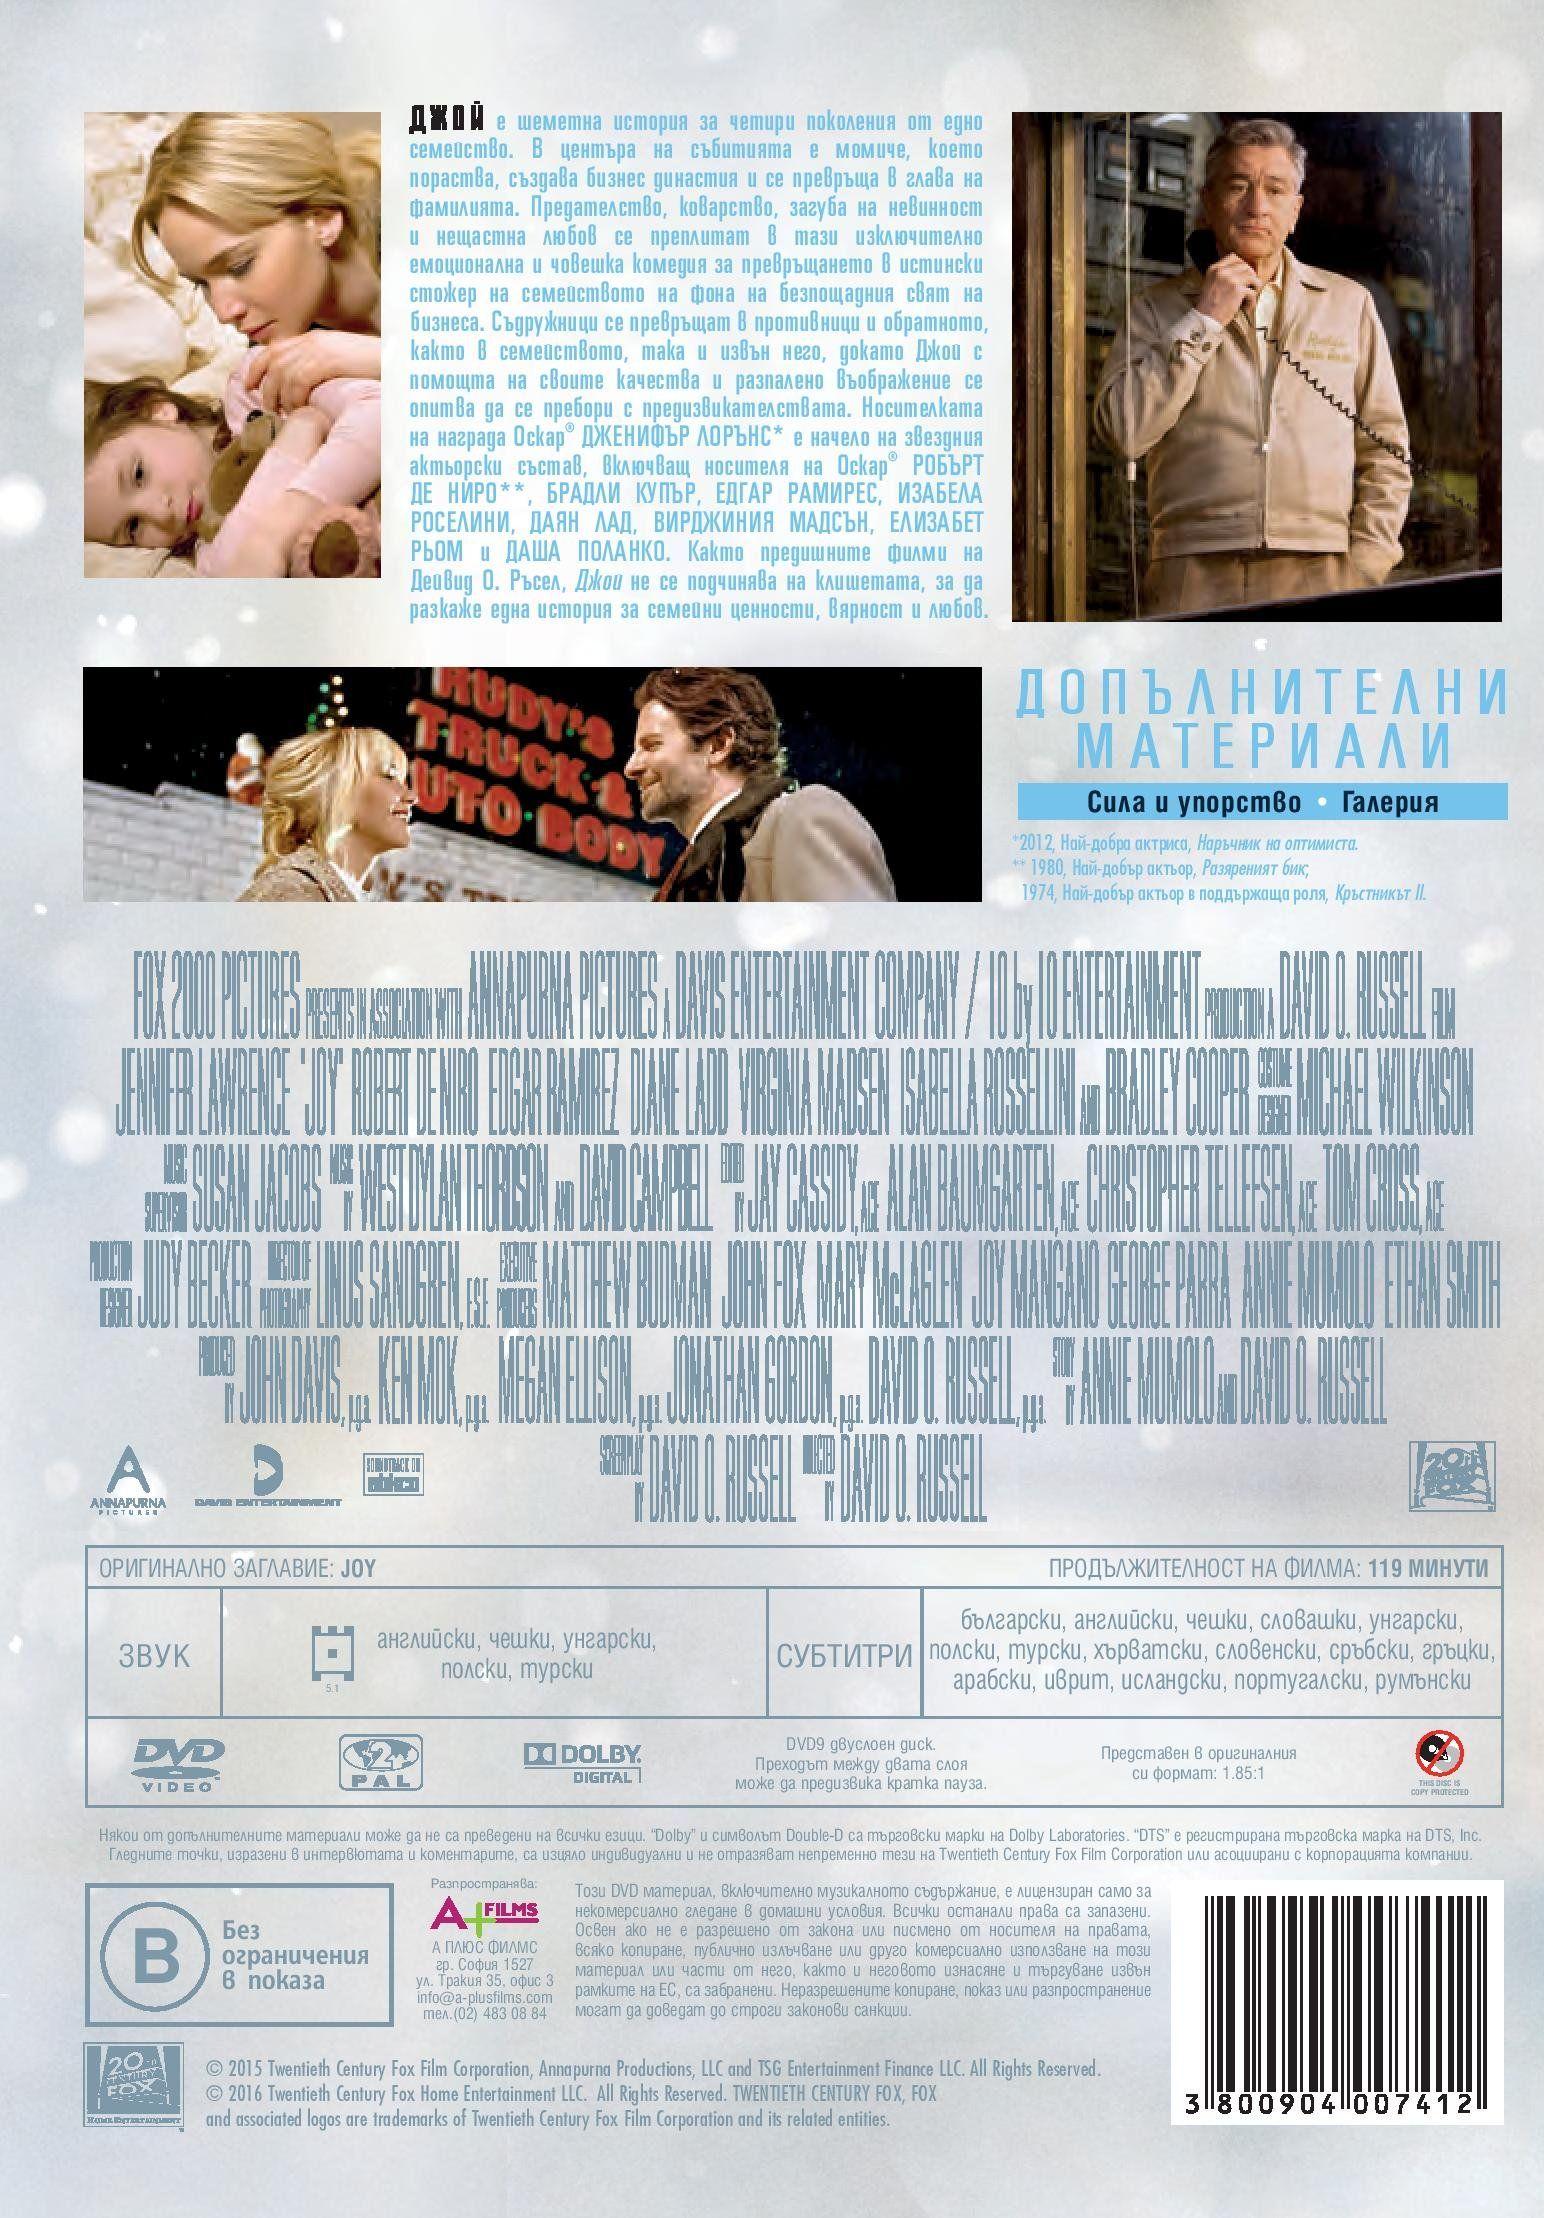 Джой (DVD) - 3